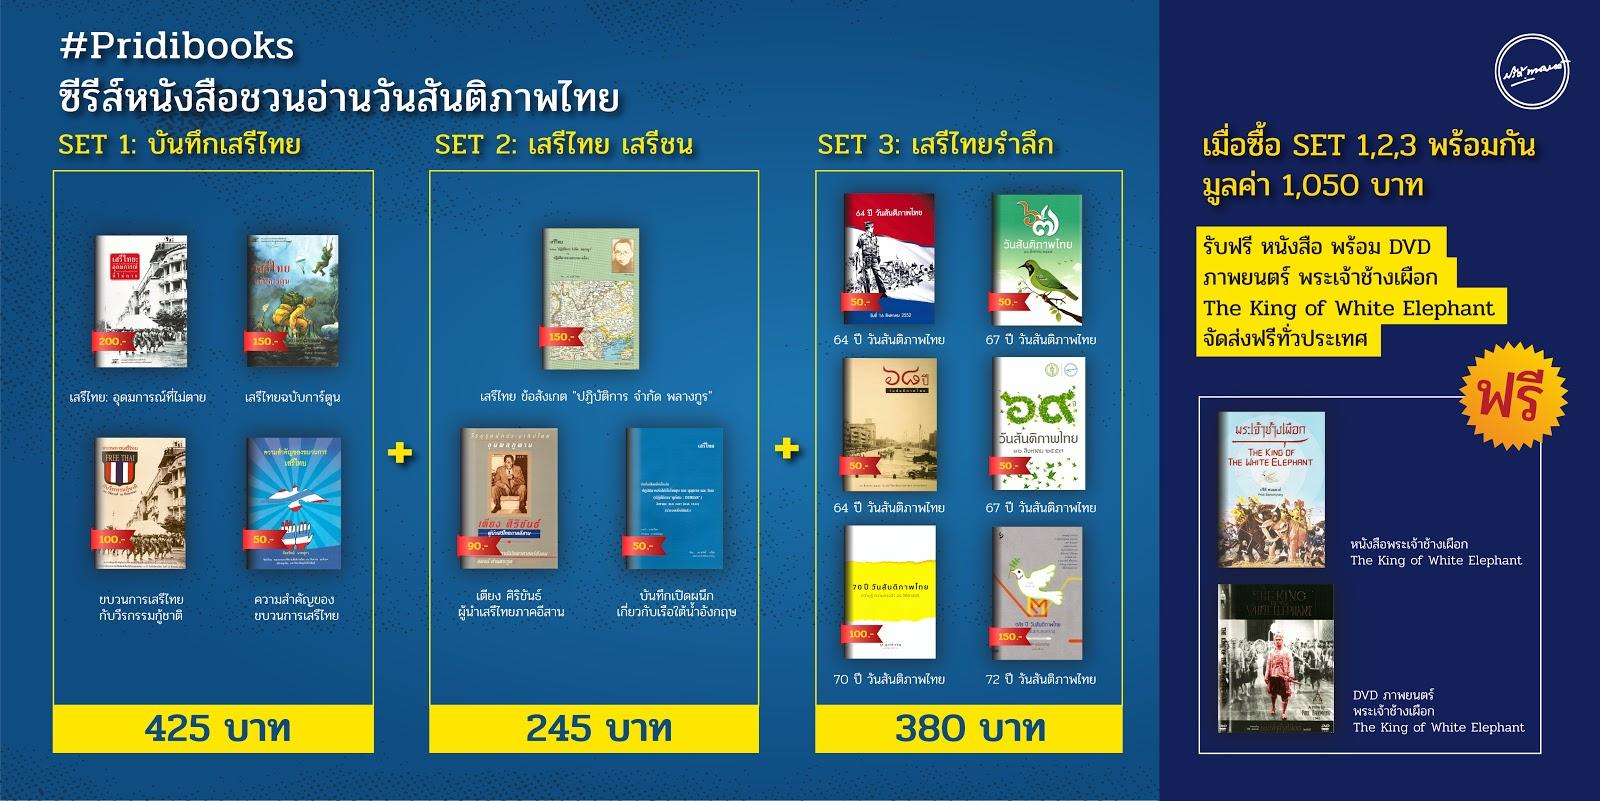 สถาบันปรีดี พนมยงค์ แนะนำซีรีส์หนังสือชวนอ่านวันสันติภาพไทย #PRIDIBOOKS